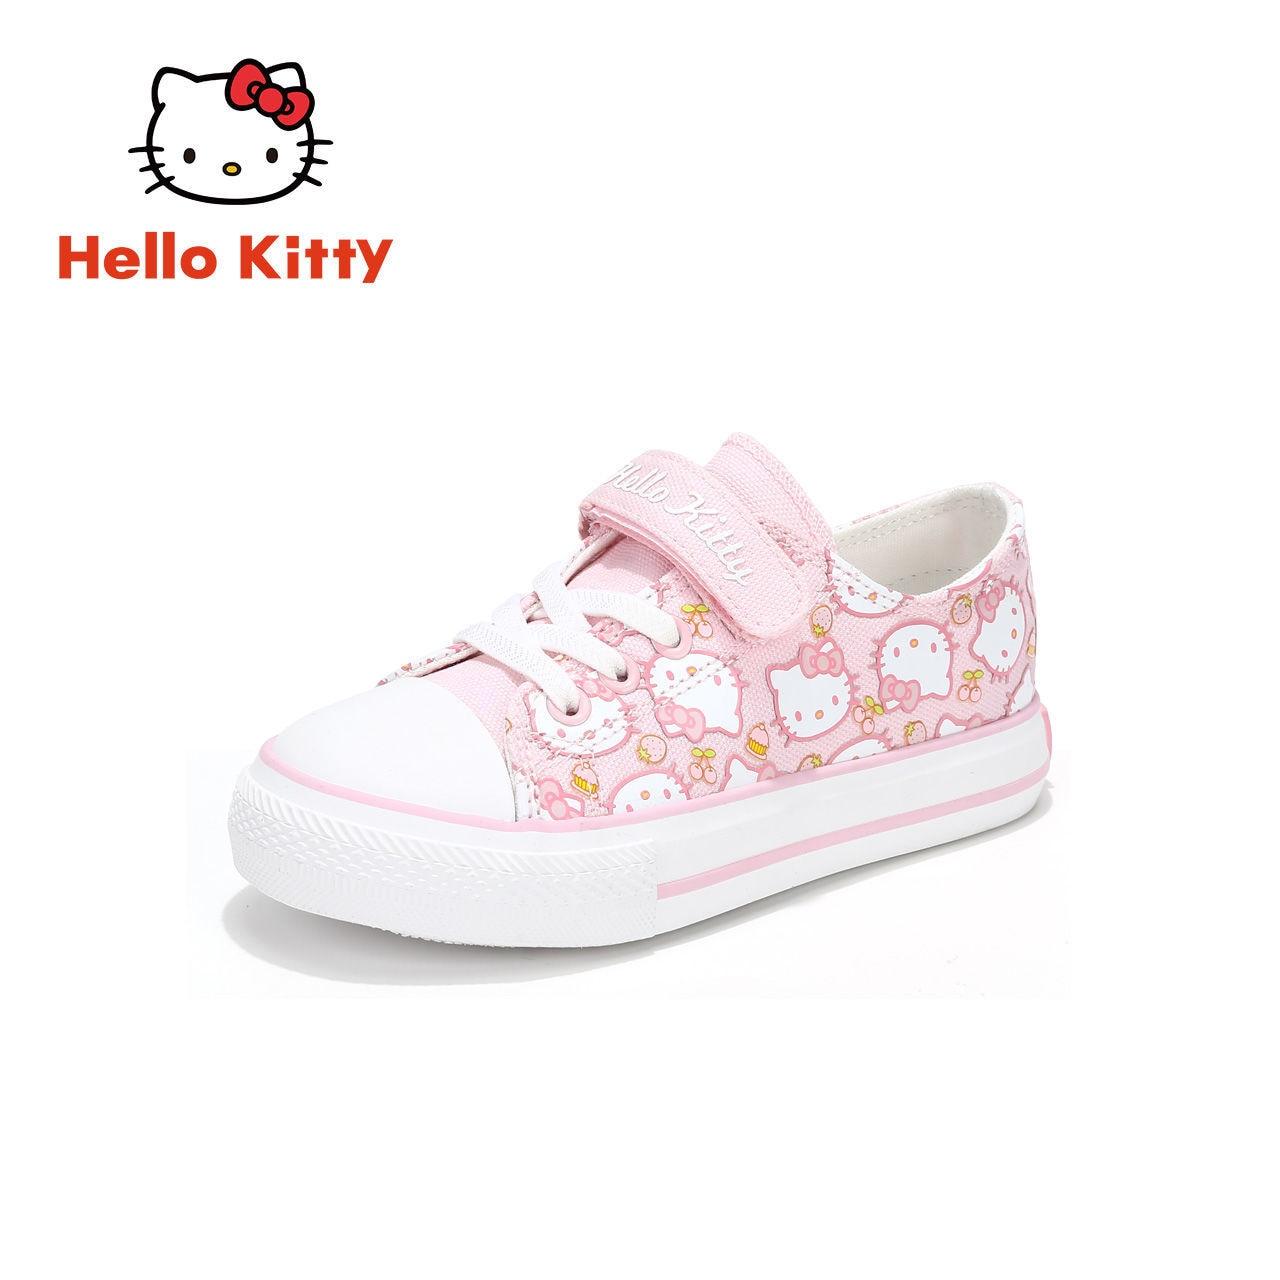 مرحبا كيتي ربيع الموضة الجديدة 2021 حذاء قماش شخصية بسيطة عدم الانزلاق الأطفال لطيف حذاء كاجوال